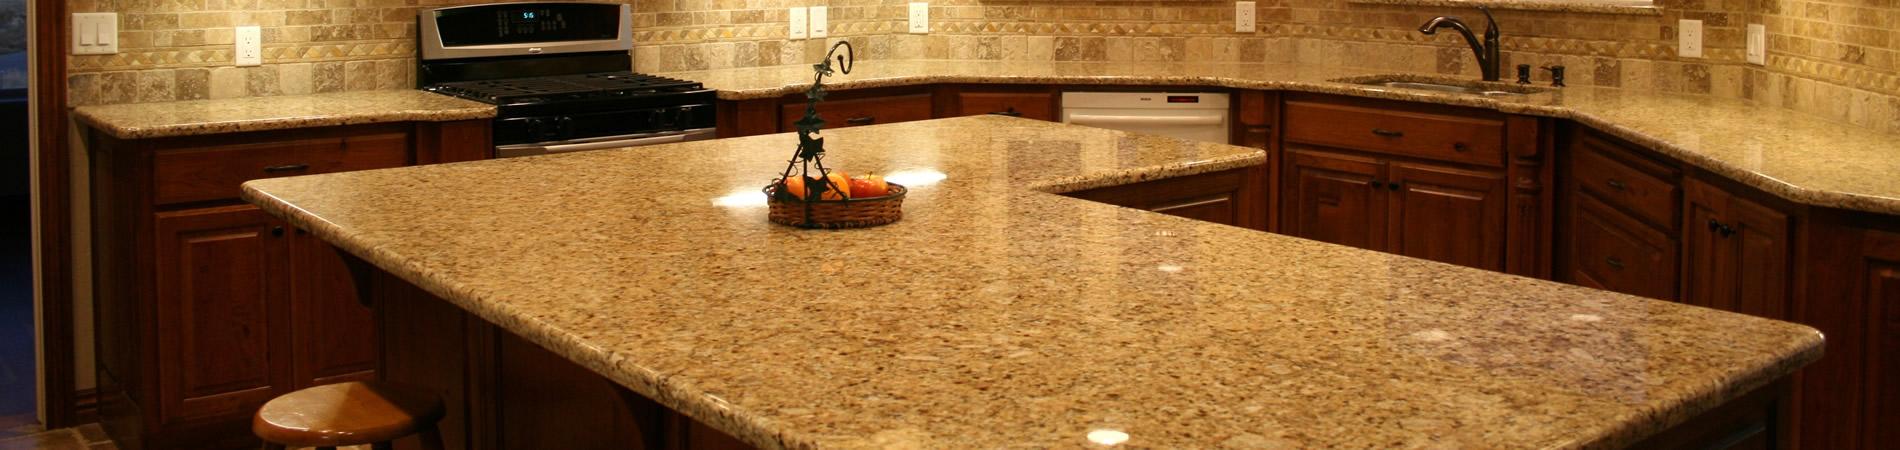 Full Size of Granit Arbeitsplatte Granitplatten Küche Sideboard Mit Arbeitsplatten Wohnzimmer Granit Arbeitsplatte